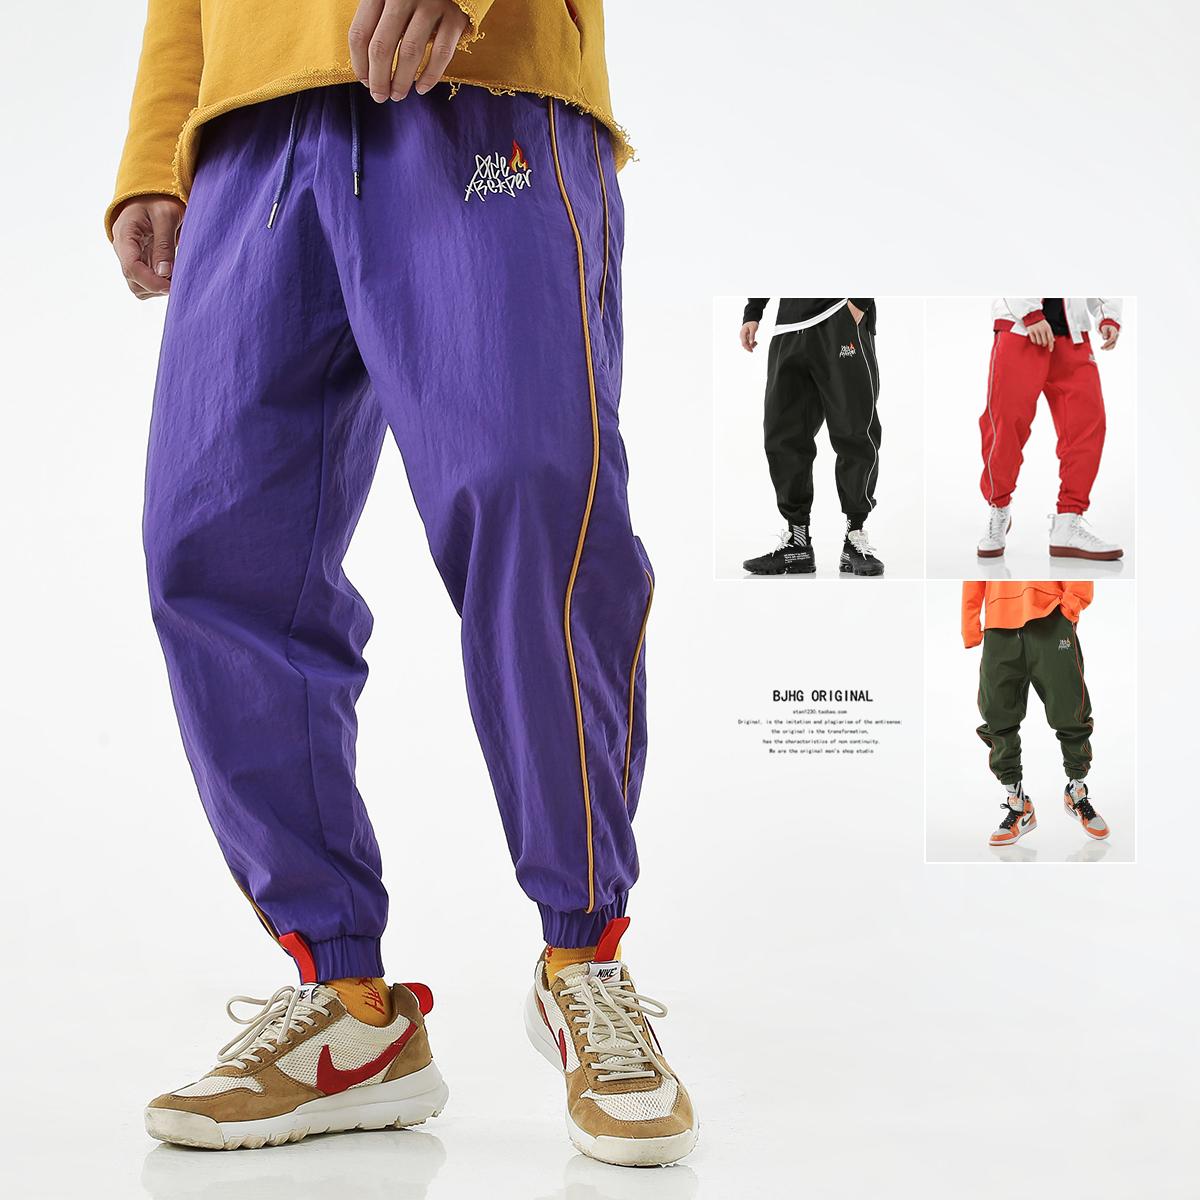 紫色休闲裤 BJHG夏欧美街头嘻哈宽松hiphop条纹紫休闲小脚裤子潮男运动束脚裤_推荐淘宝好看的紫色休闲裤